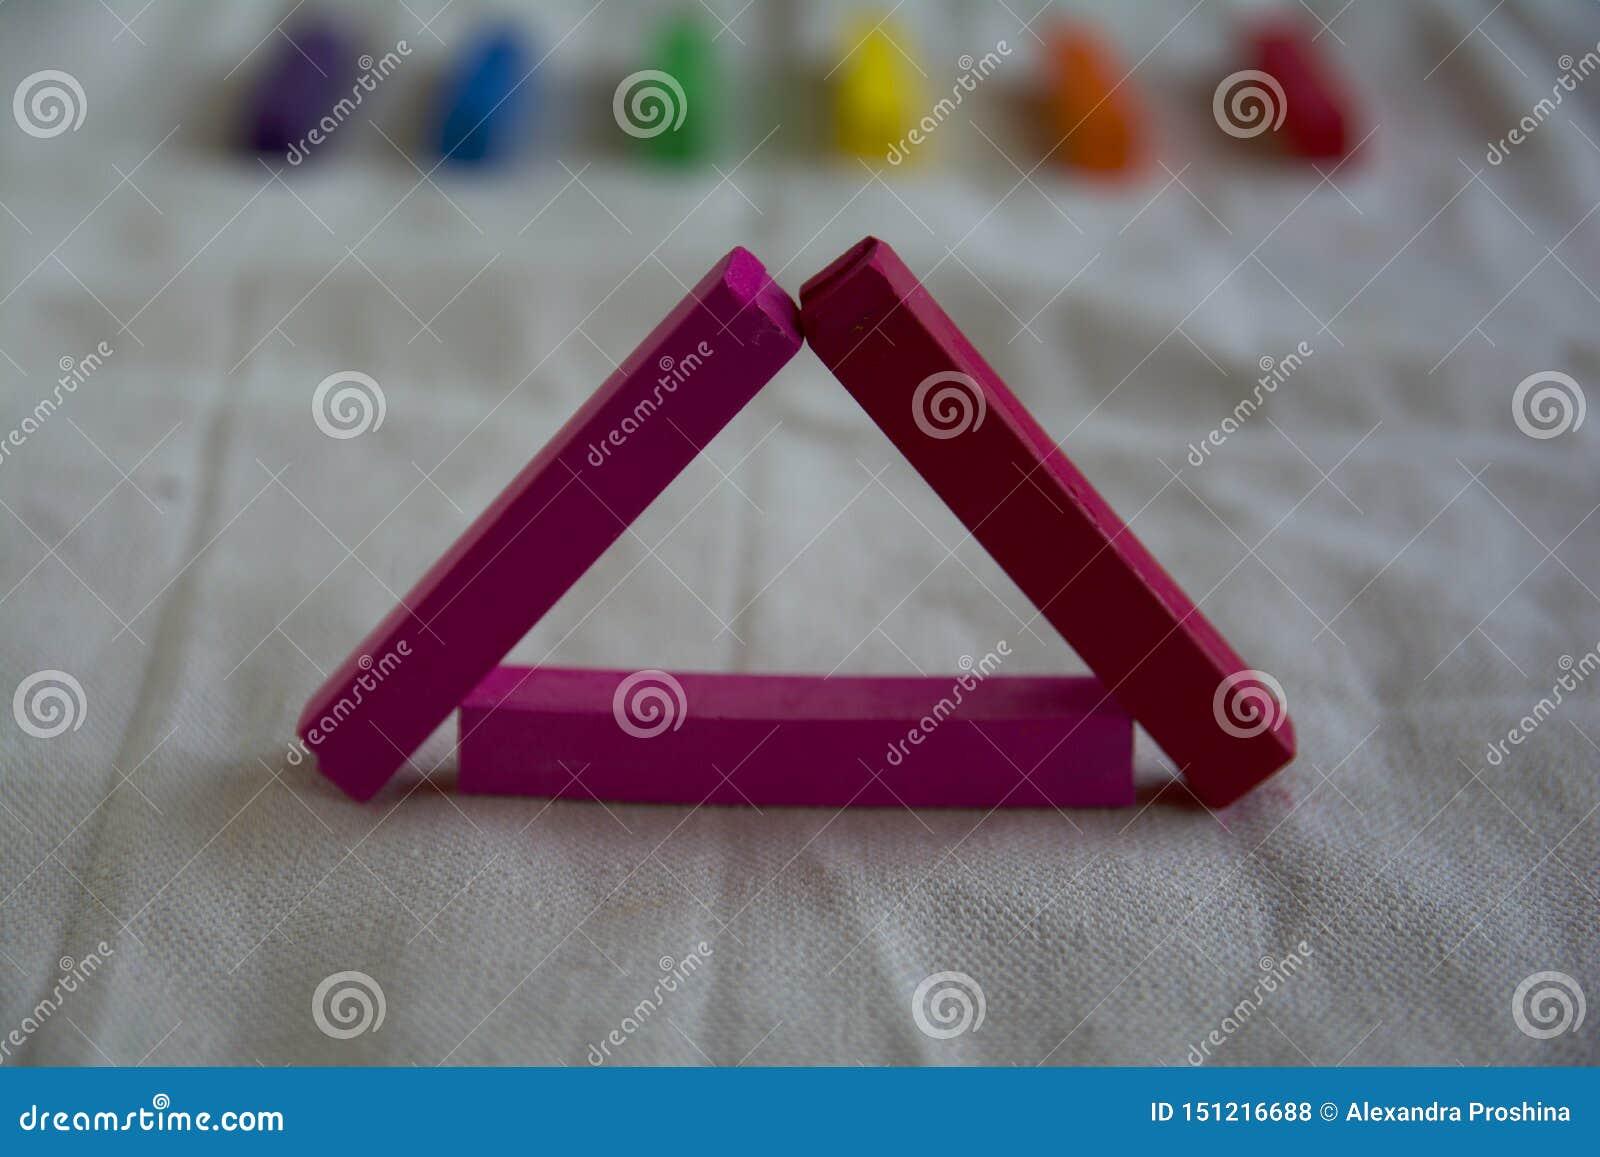 背景的被弄脏的照片与艺术性的淡色棍子和彩虹斑点一个桃红色三角  LGBT??